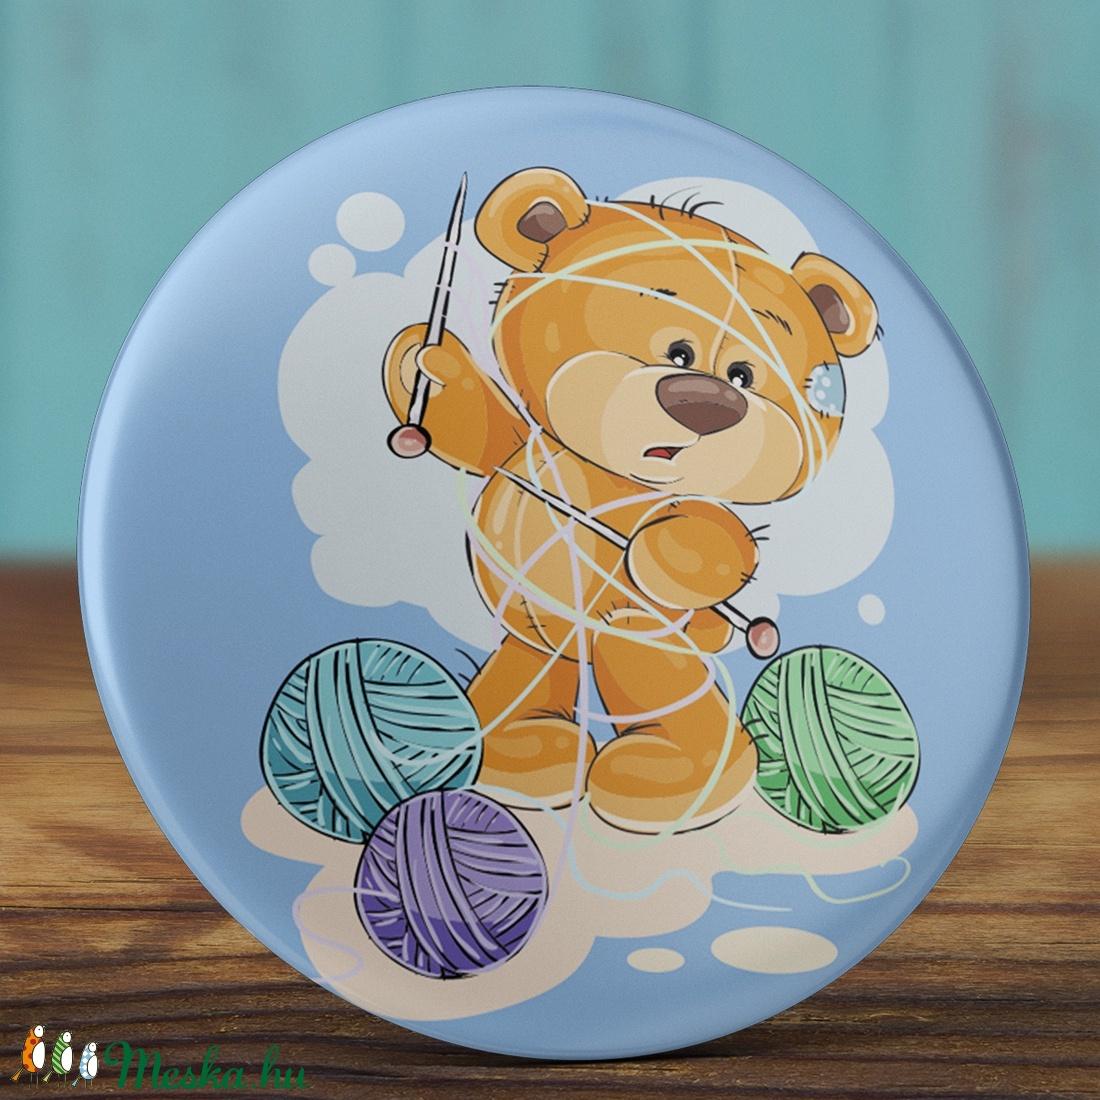 Kötős maci mágnes - kötött hűtőmágnes - maci  mágnes - medve mágnes - cuki ajándék - maci - fonal - kötőtű - fiú - lány (AngelPin) - Meska.hu